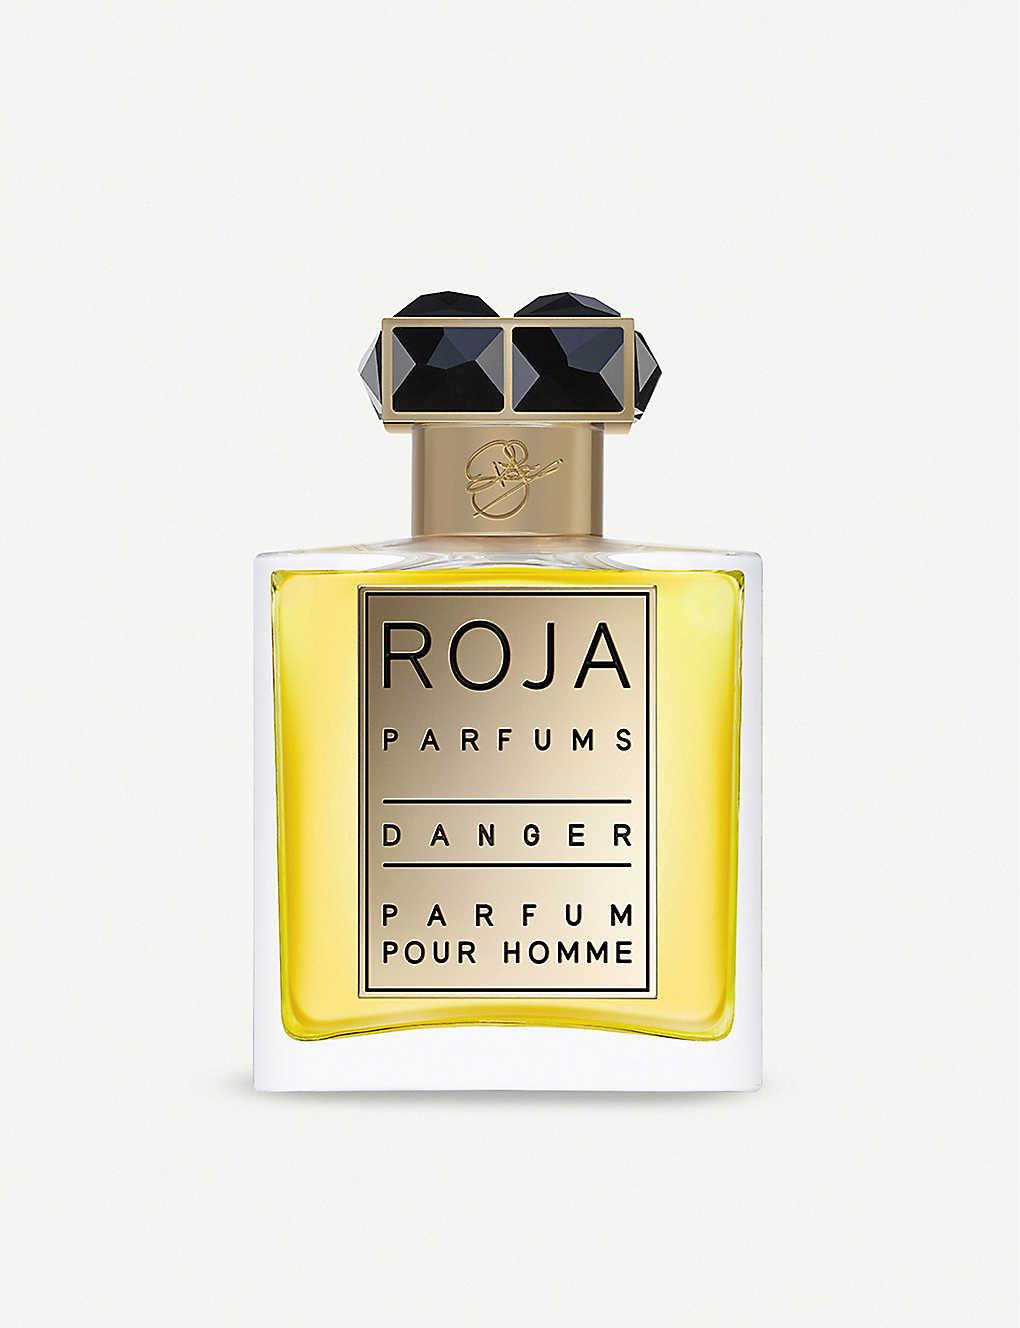 Roja Parfums Danger Parfum Pour Homme 50ml Selfridgescom